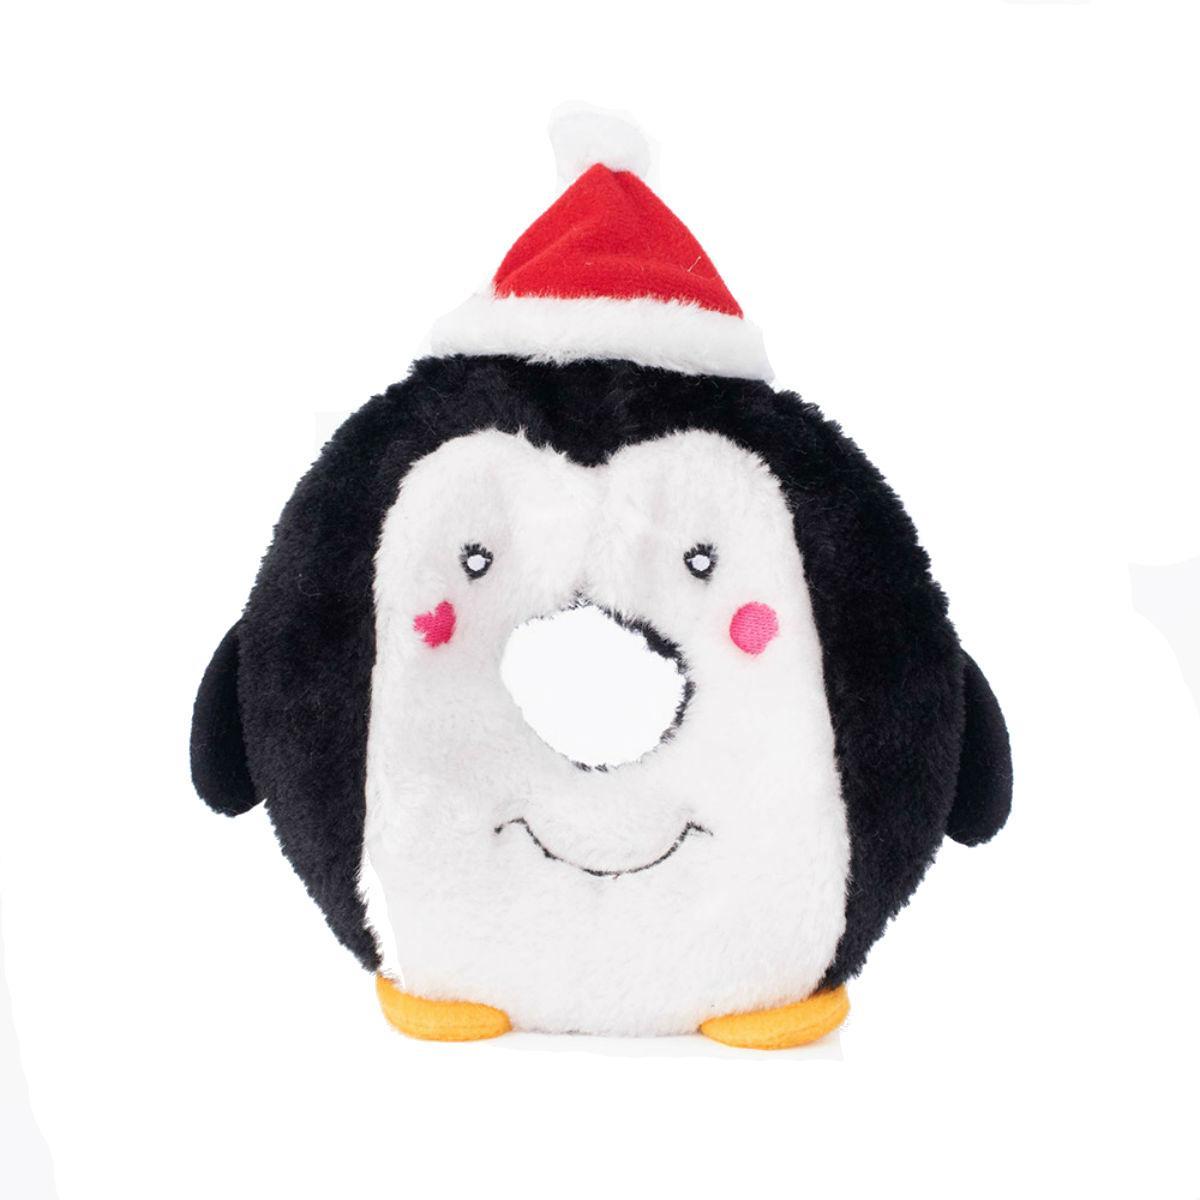 ZippyPaws Holiday Donutz Buddies Dog Toy - Penguin